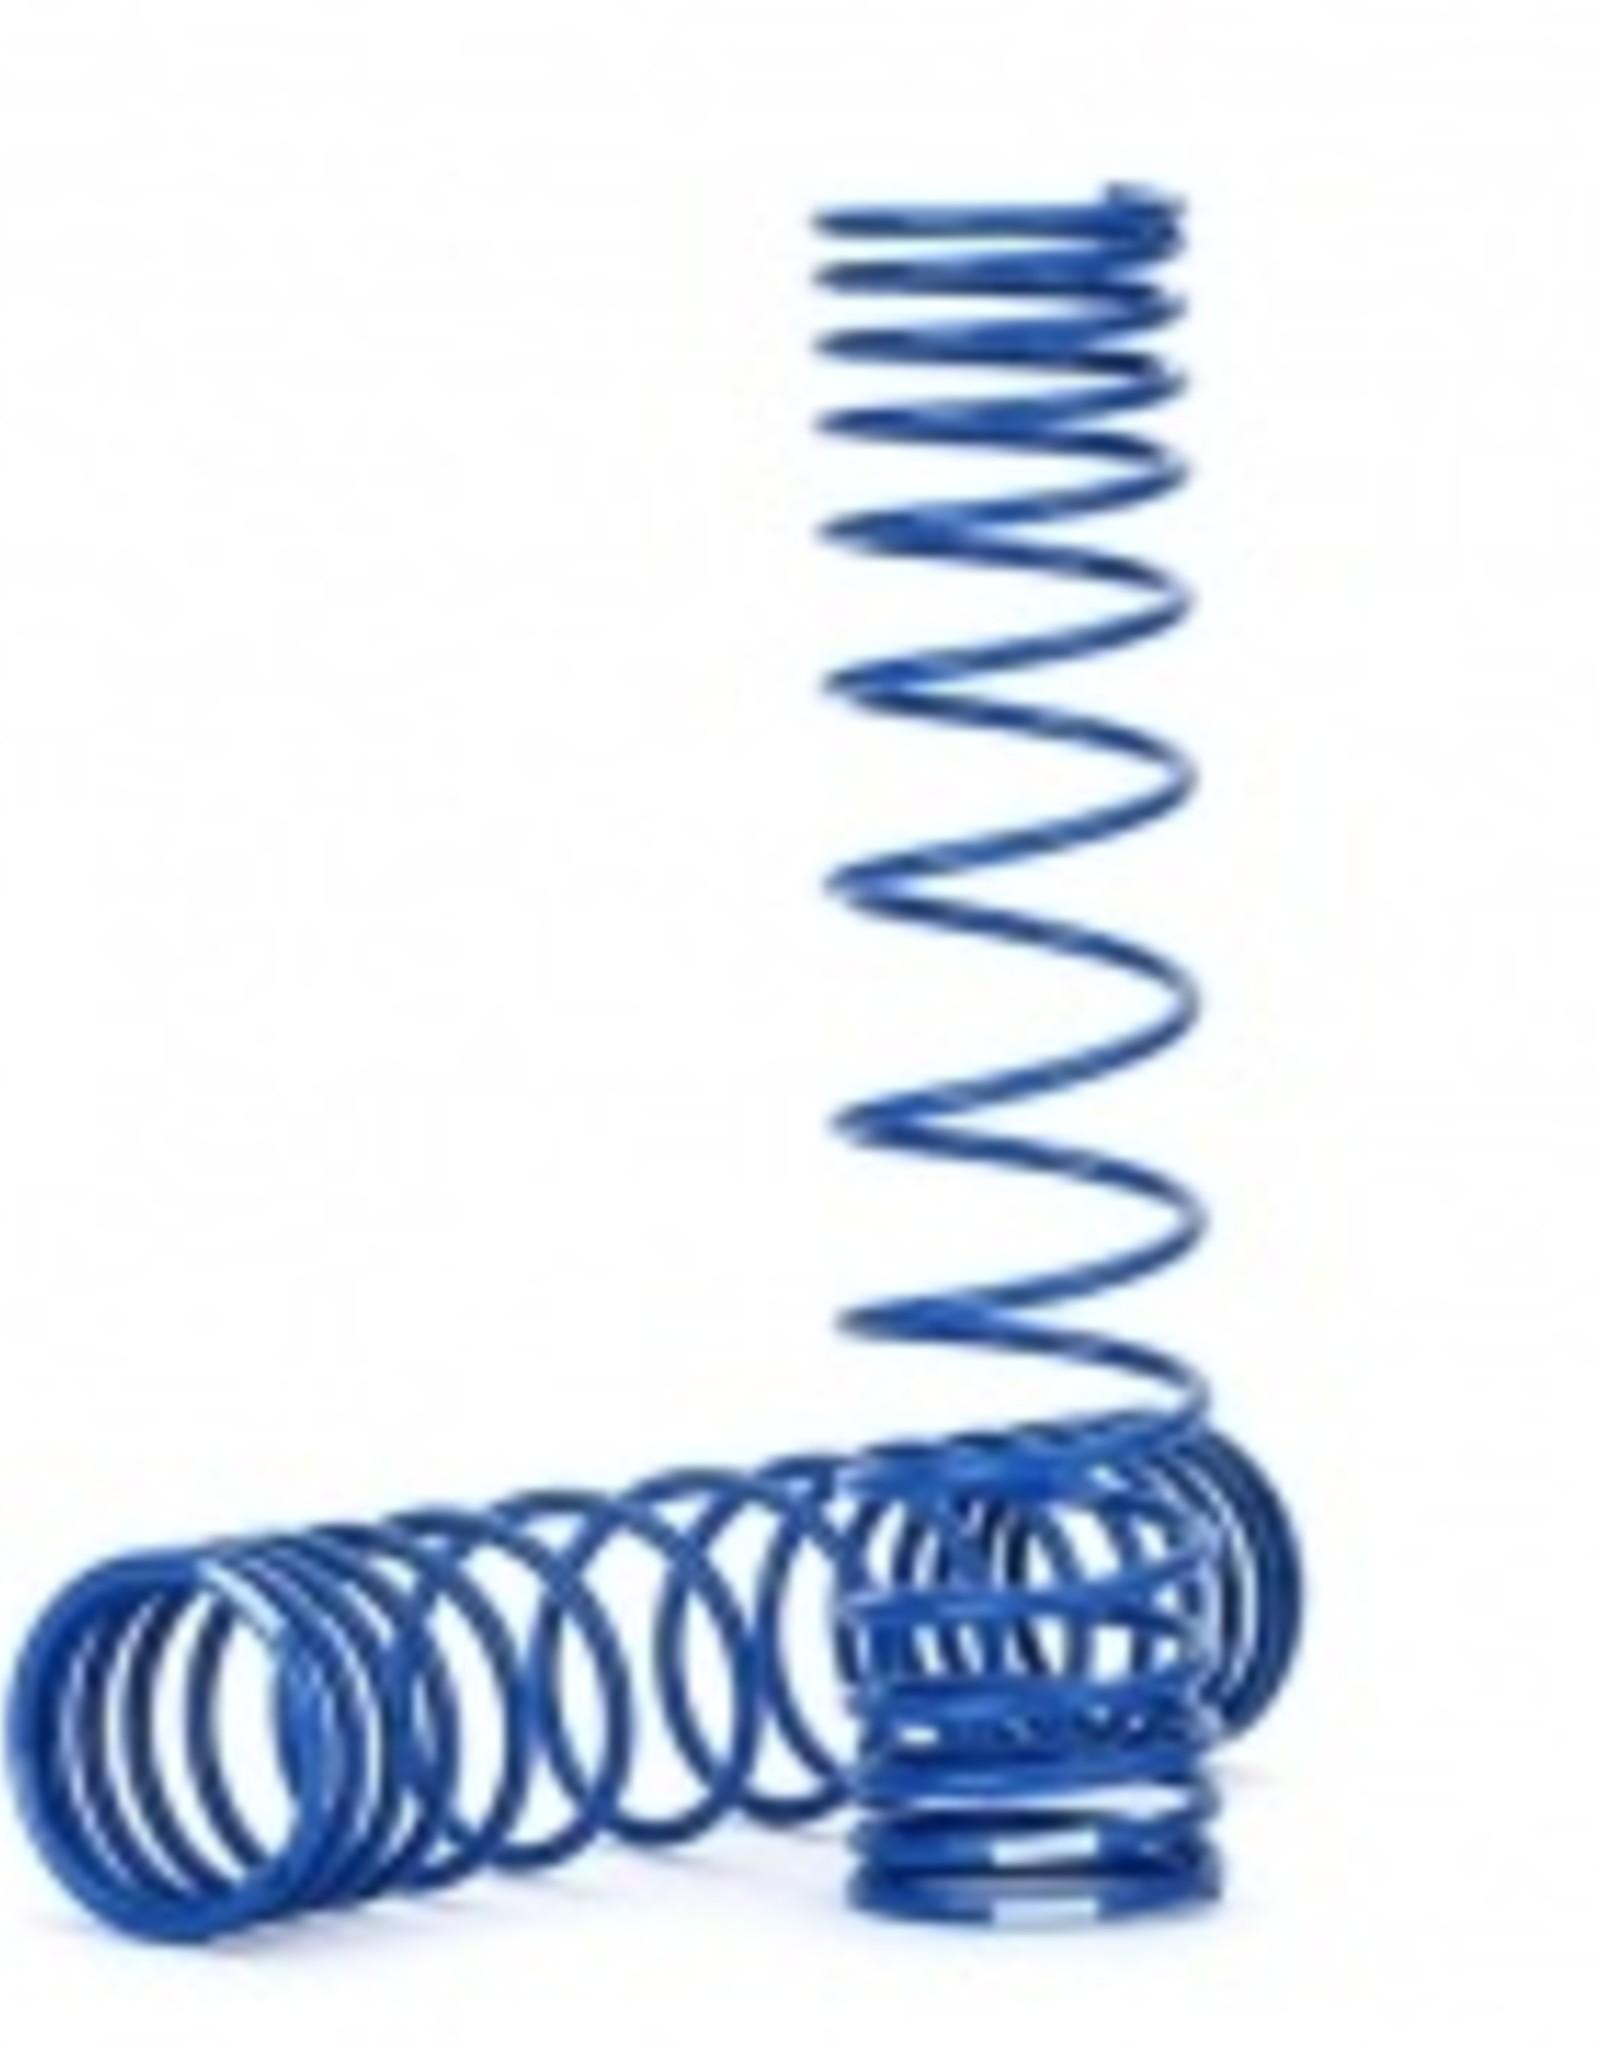 Traxxas Traxxas Unlimited Desert Racer Spring, shock, rear (blue) (GTR) (progressive, 1.042 rate) (2)